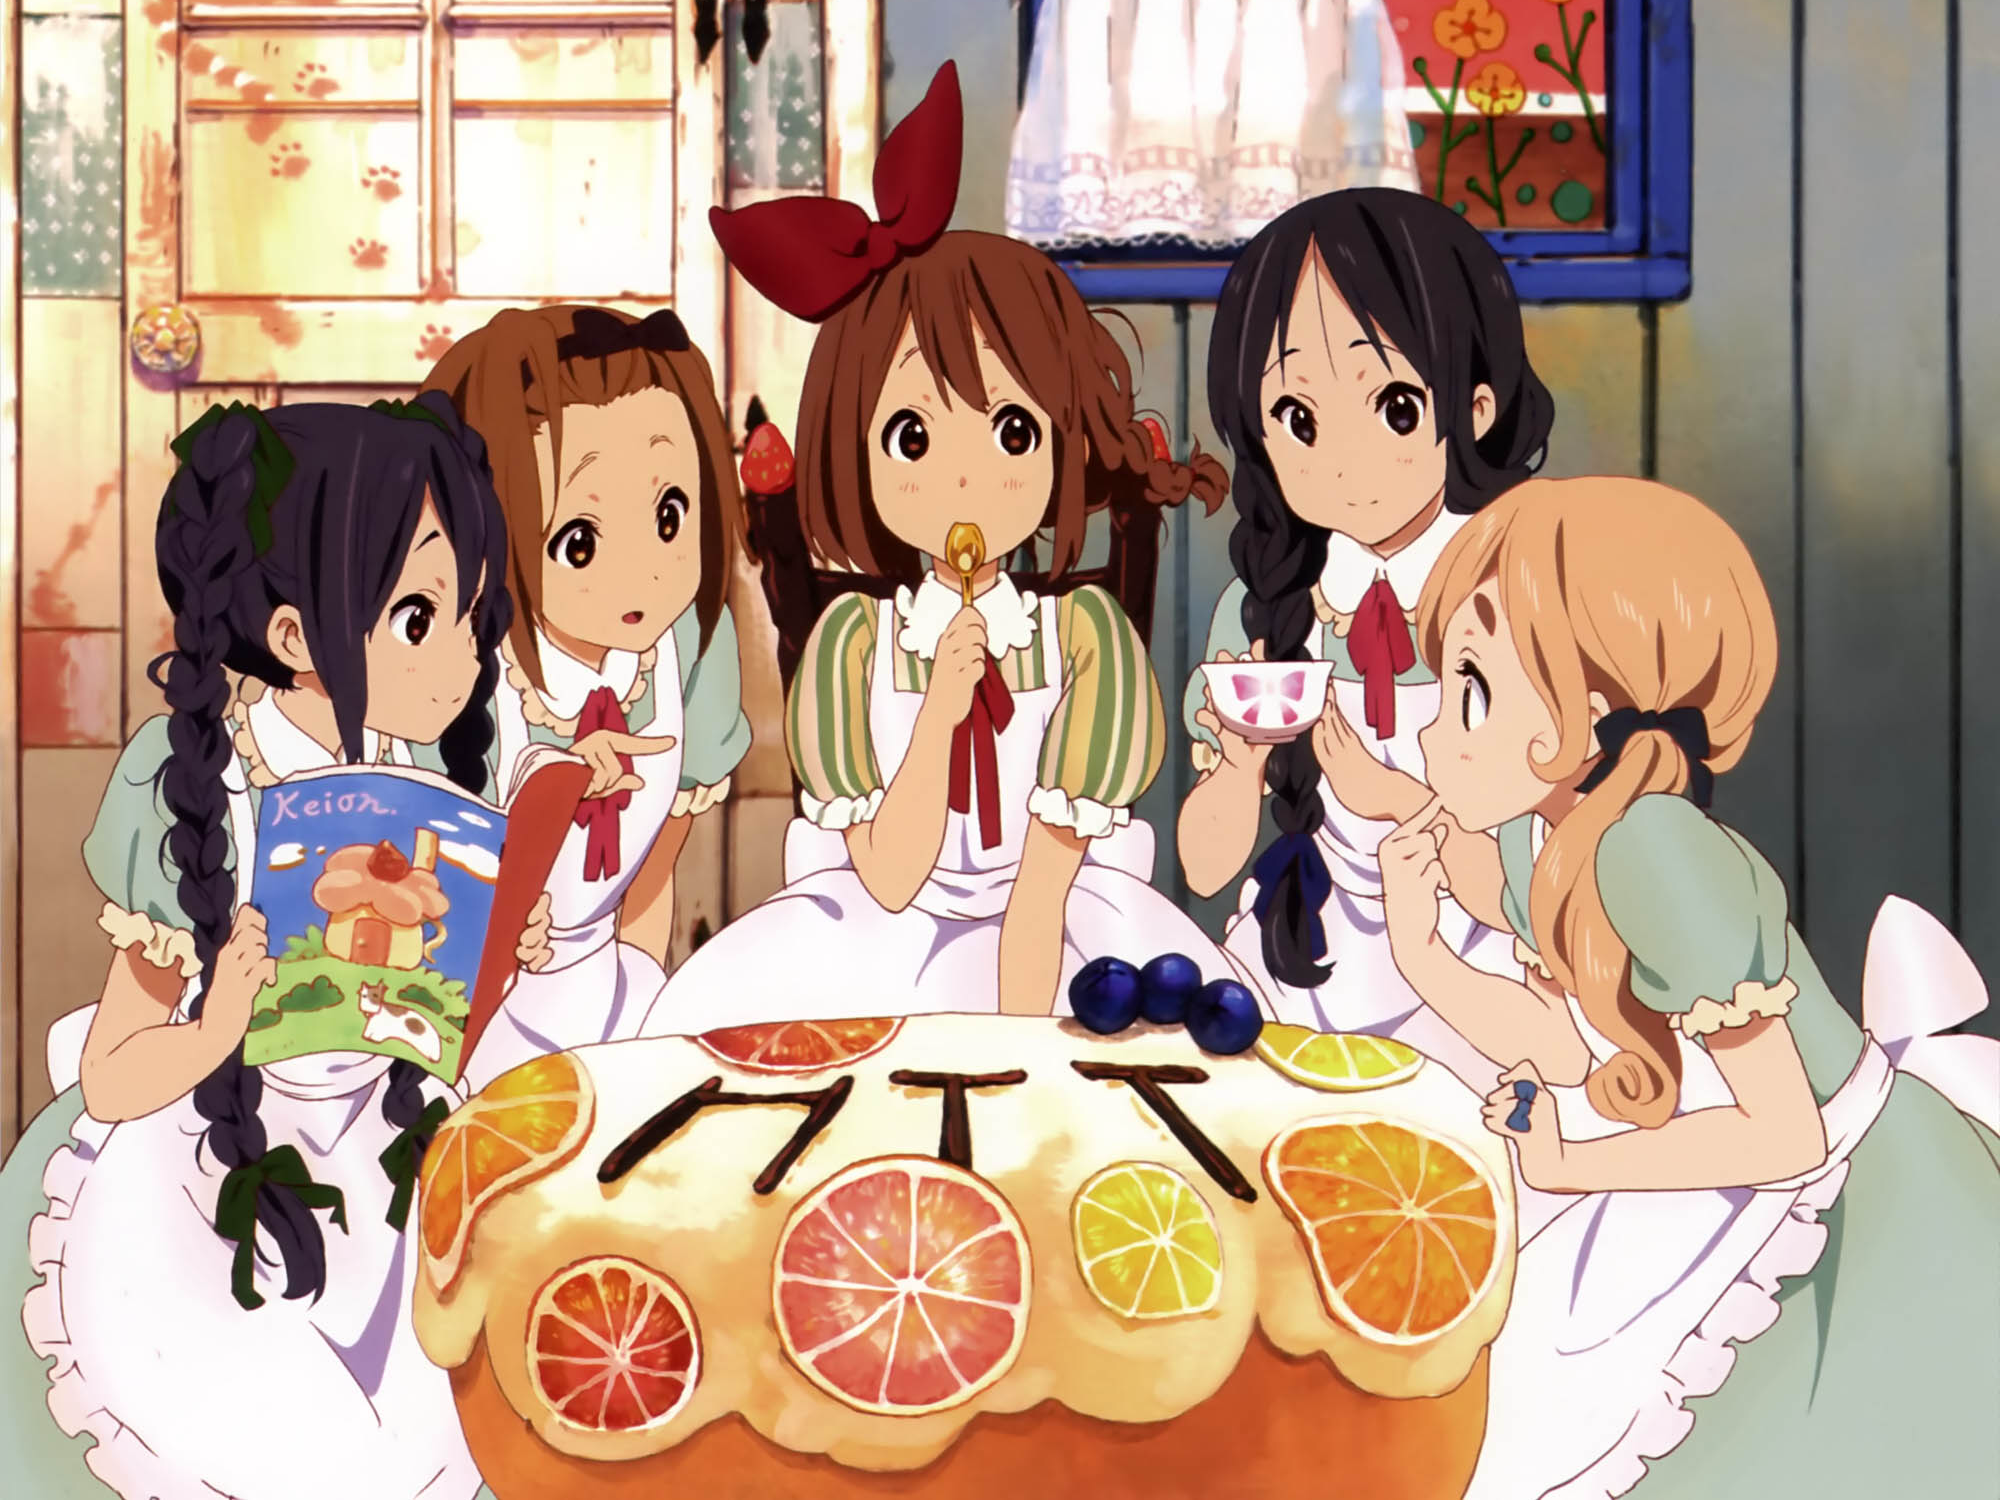 Anime 2000x1500 K-ON! Nakano Azusa Hirasawa Yui Kotobuki Tsumugi Tainaka Ritsu Akiyama Mio